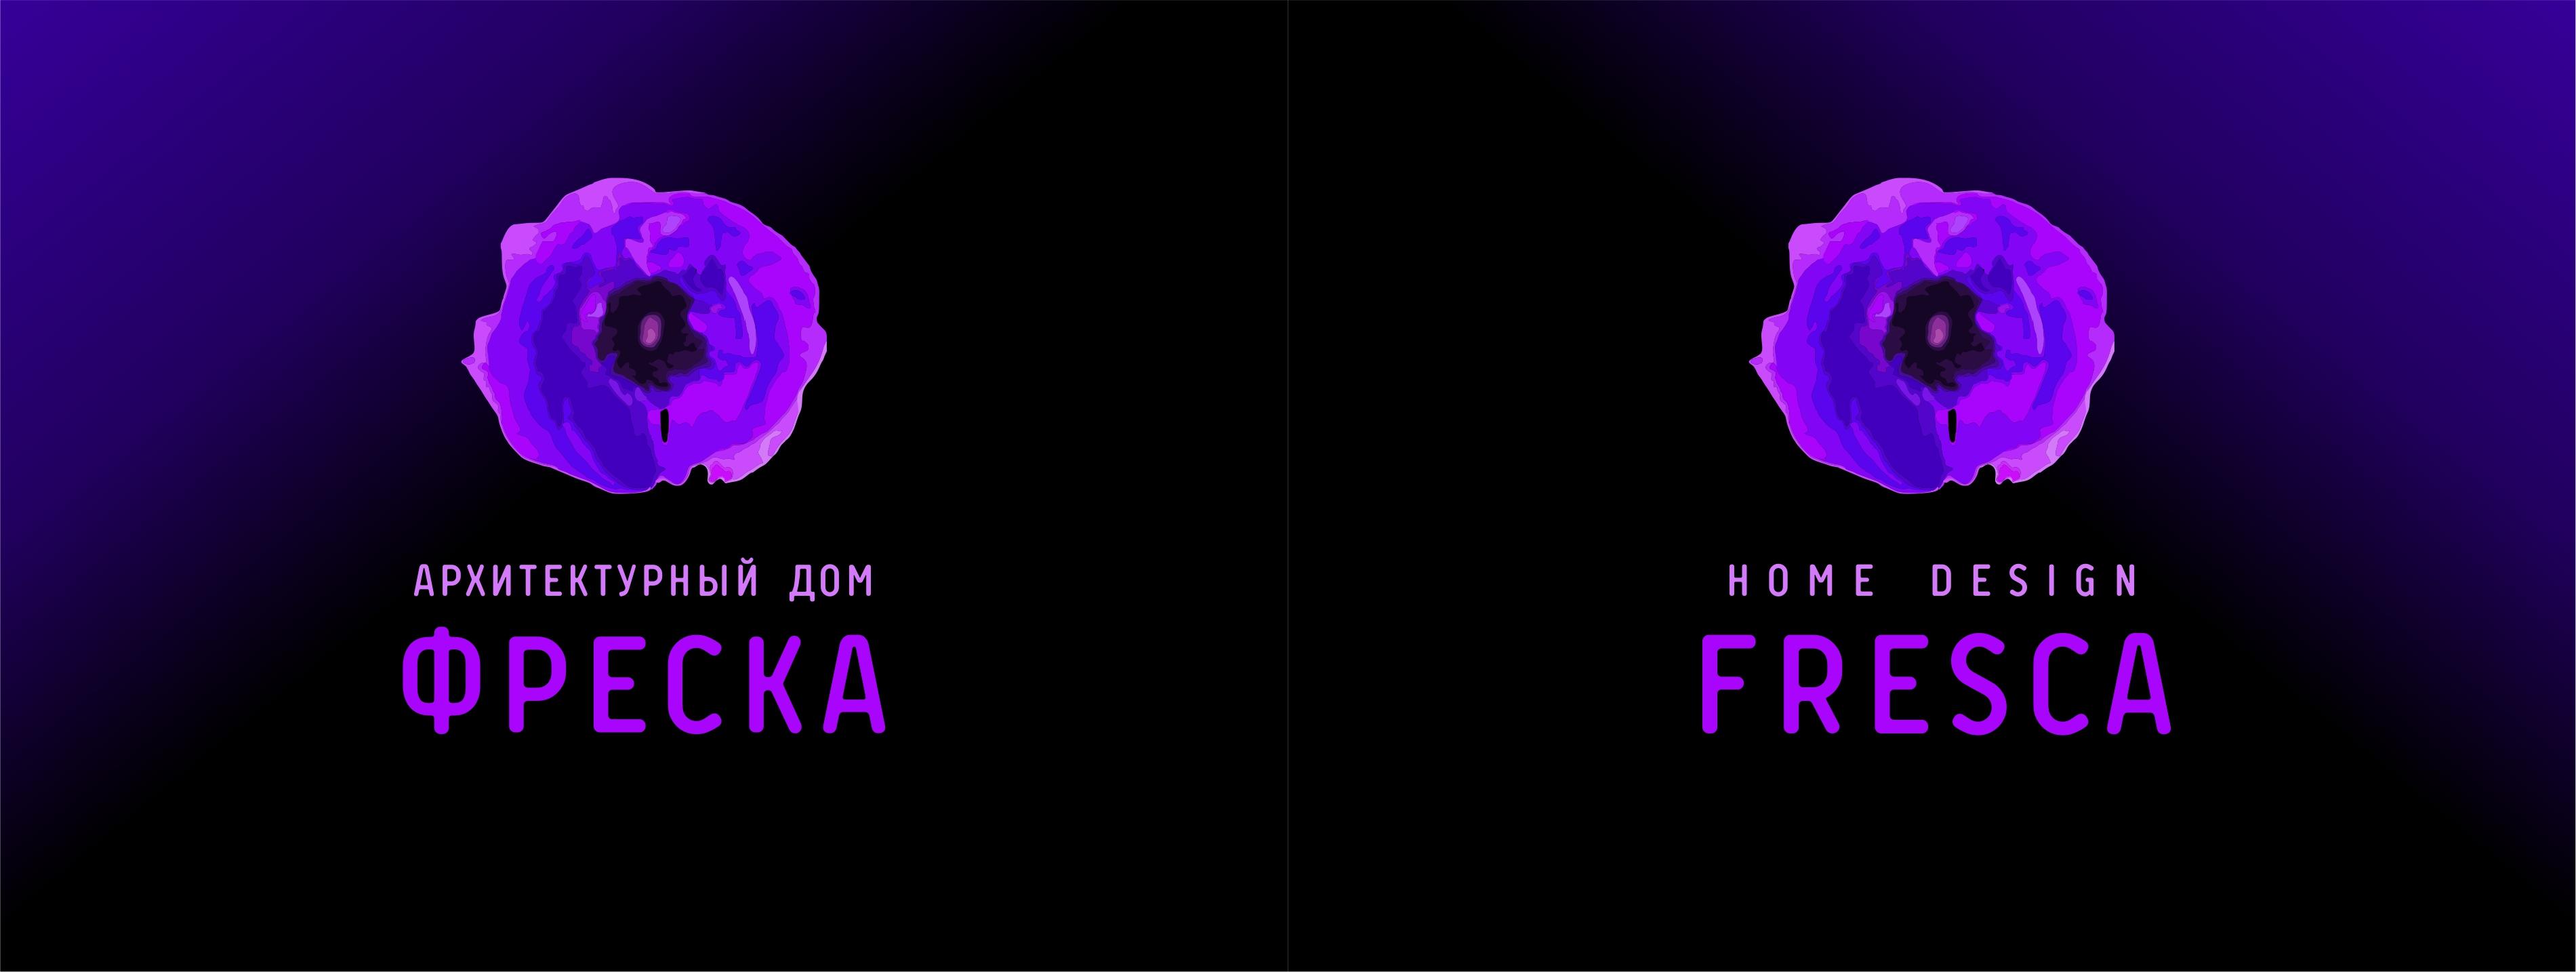 Разработка логотипа и фирменного стиля  фото f_5395aa64d83bd78c.jpg